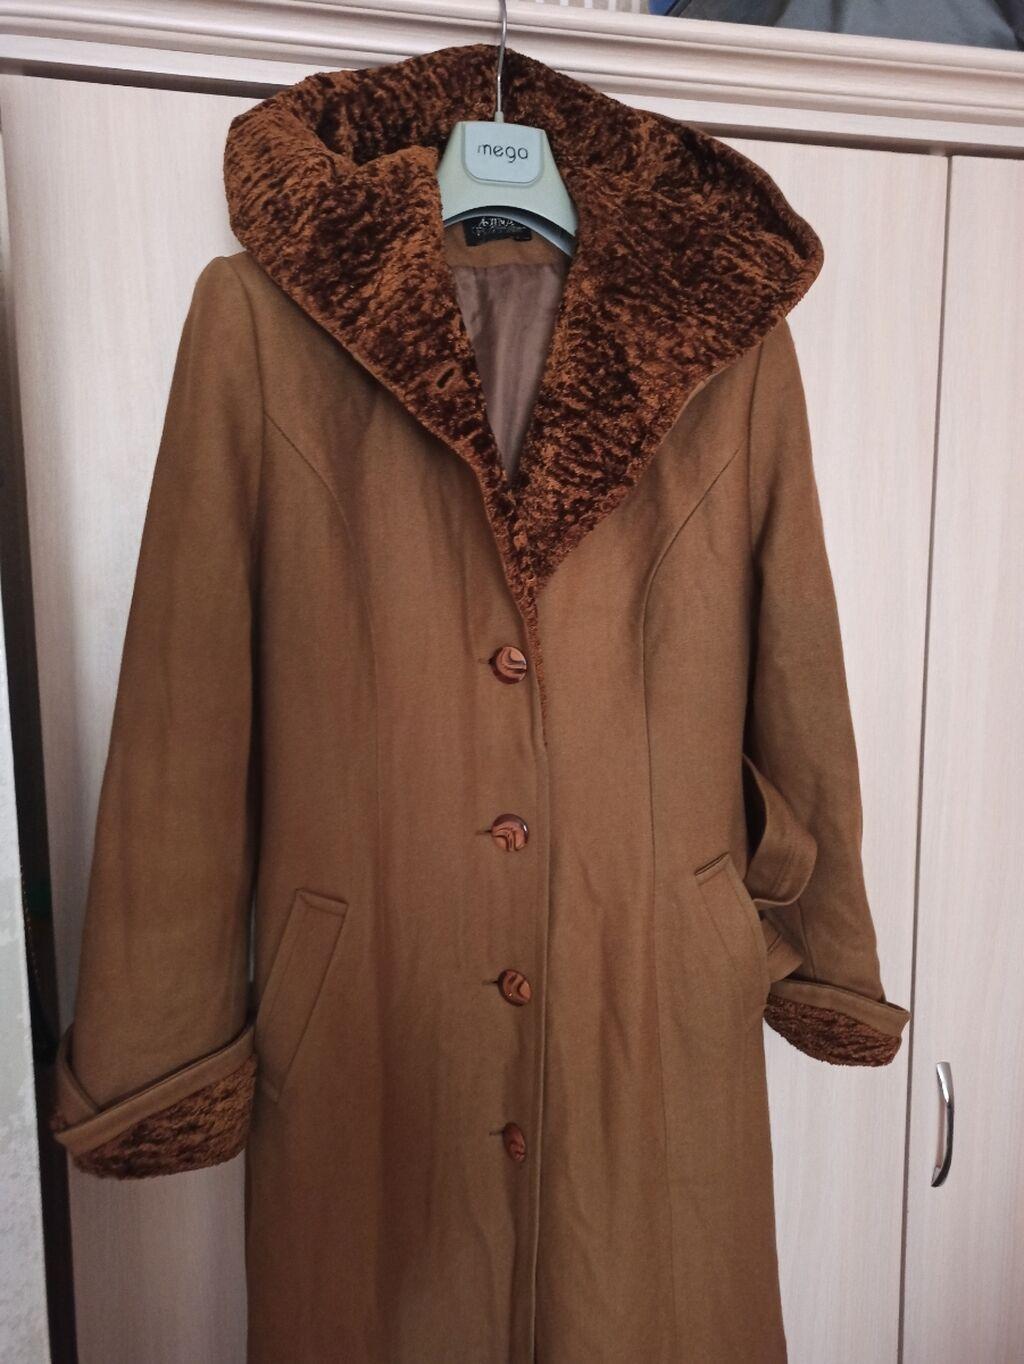 Продаю пальто из драпа 46-48 размера длина в пол, в хорошем состоянии, можно сделать из него полупальто